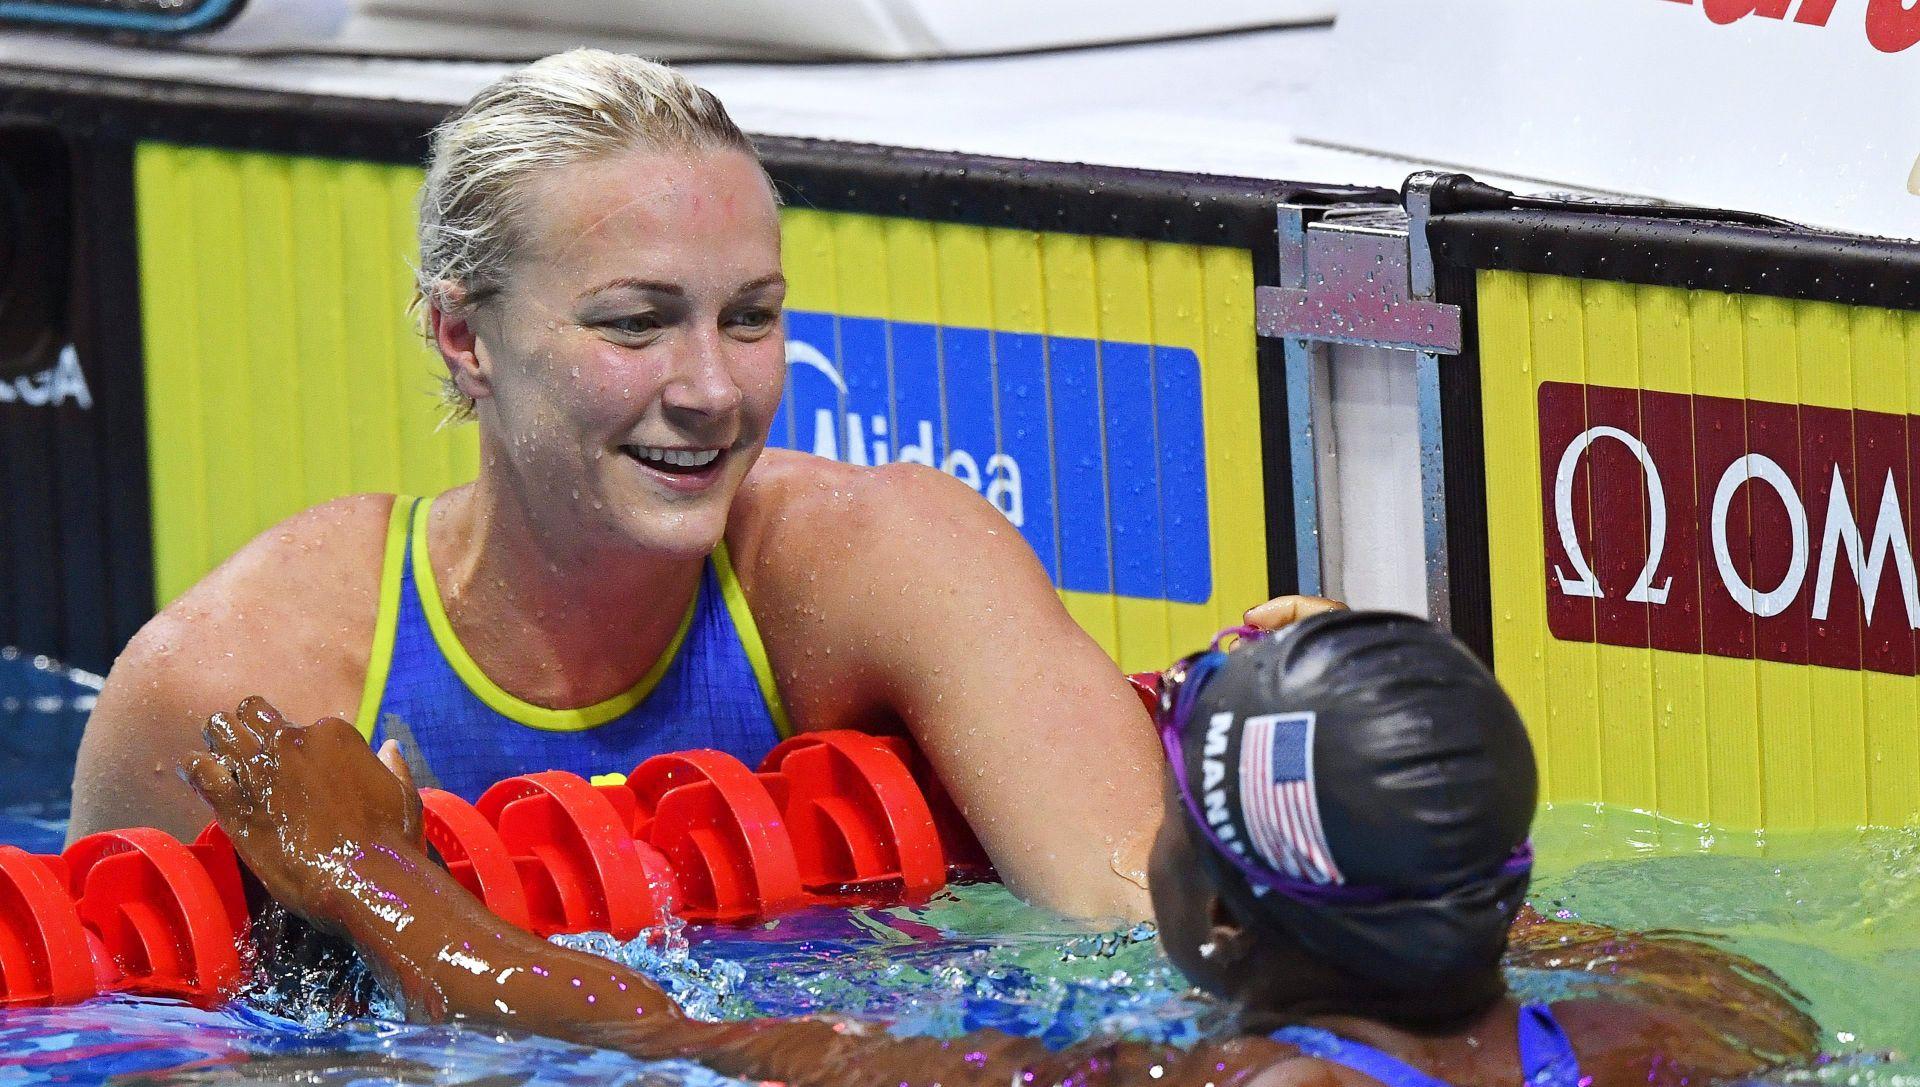 PLIVANJE Svjetski rekord Sjostrom na 100m slobodno u malom bazenu